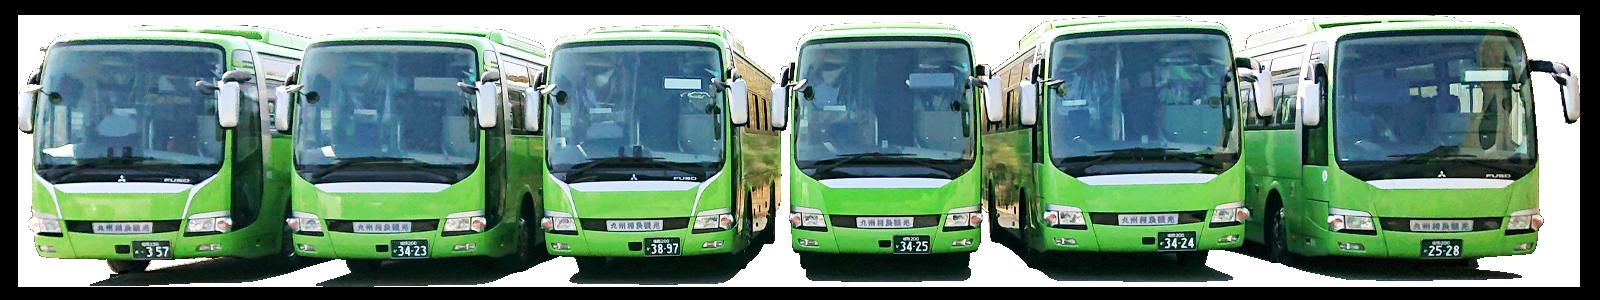 九州相良バス観光有限会社